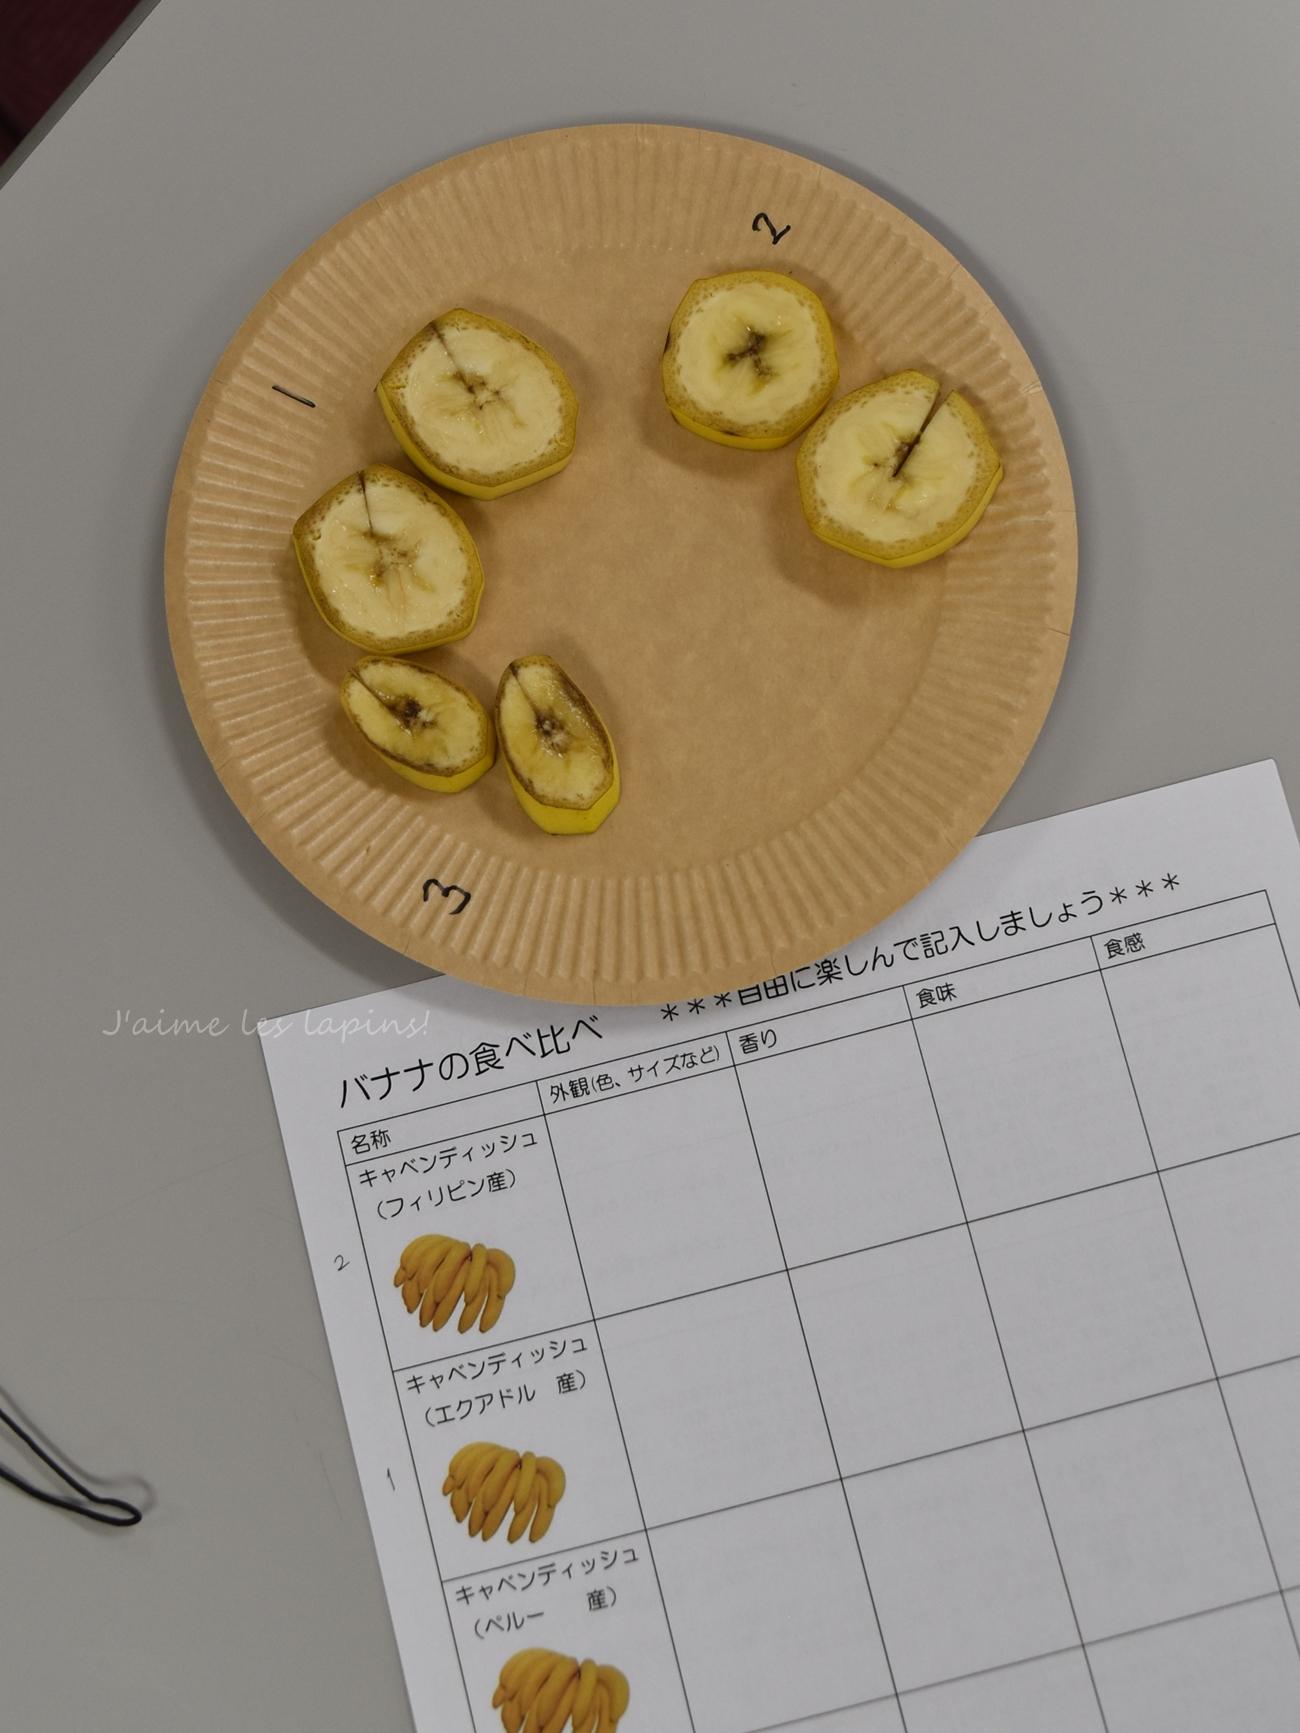 野菜ソムリエ講座説明バナナの食べ比べ